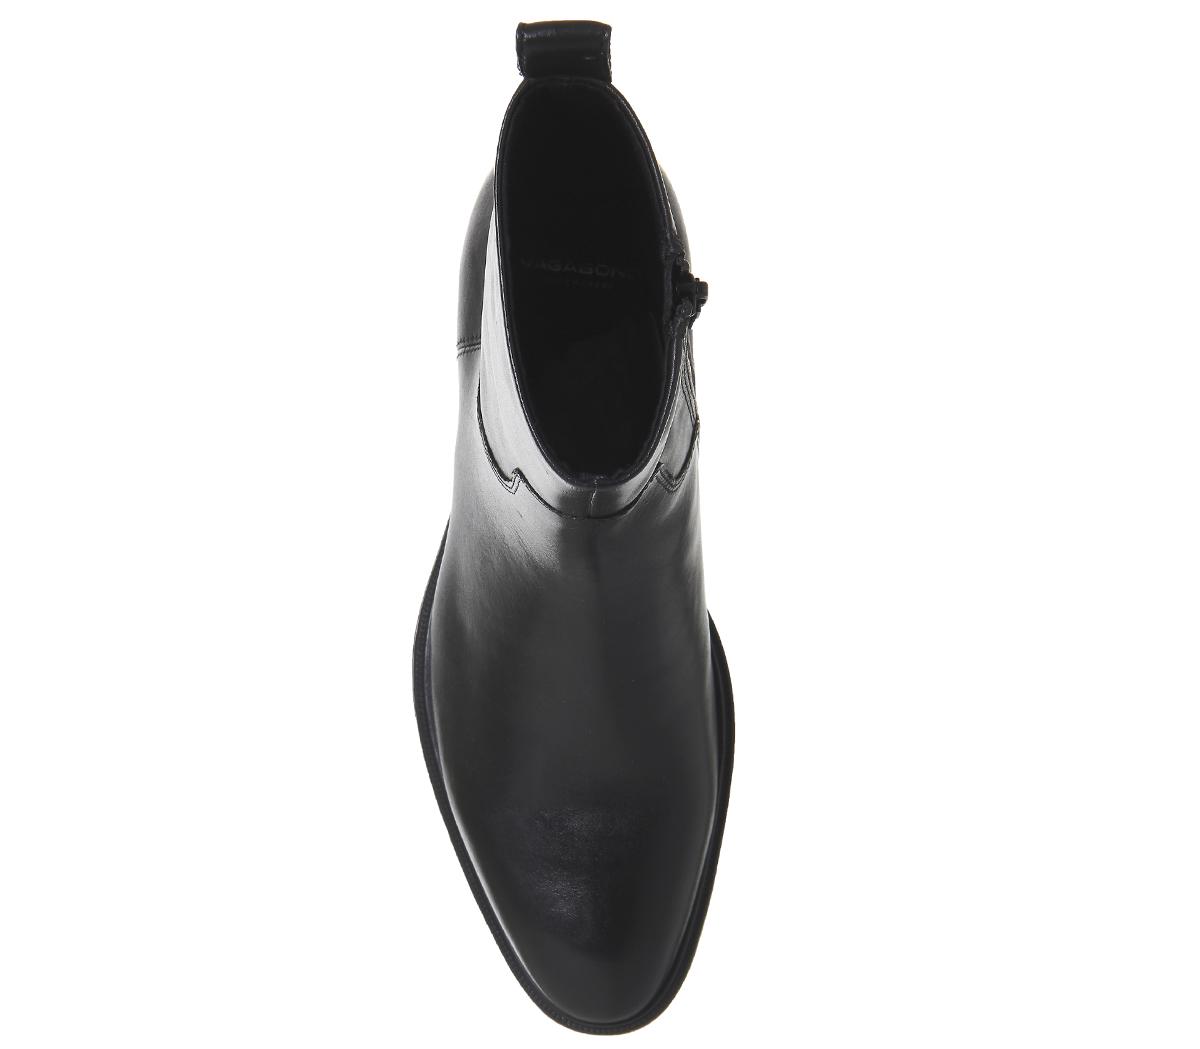 0e53c58cf CENTINELA CUERO negro botas de corte alto de las mujeres vagabundo Meja